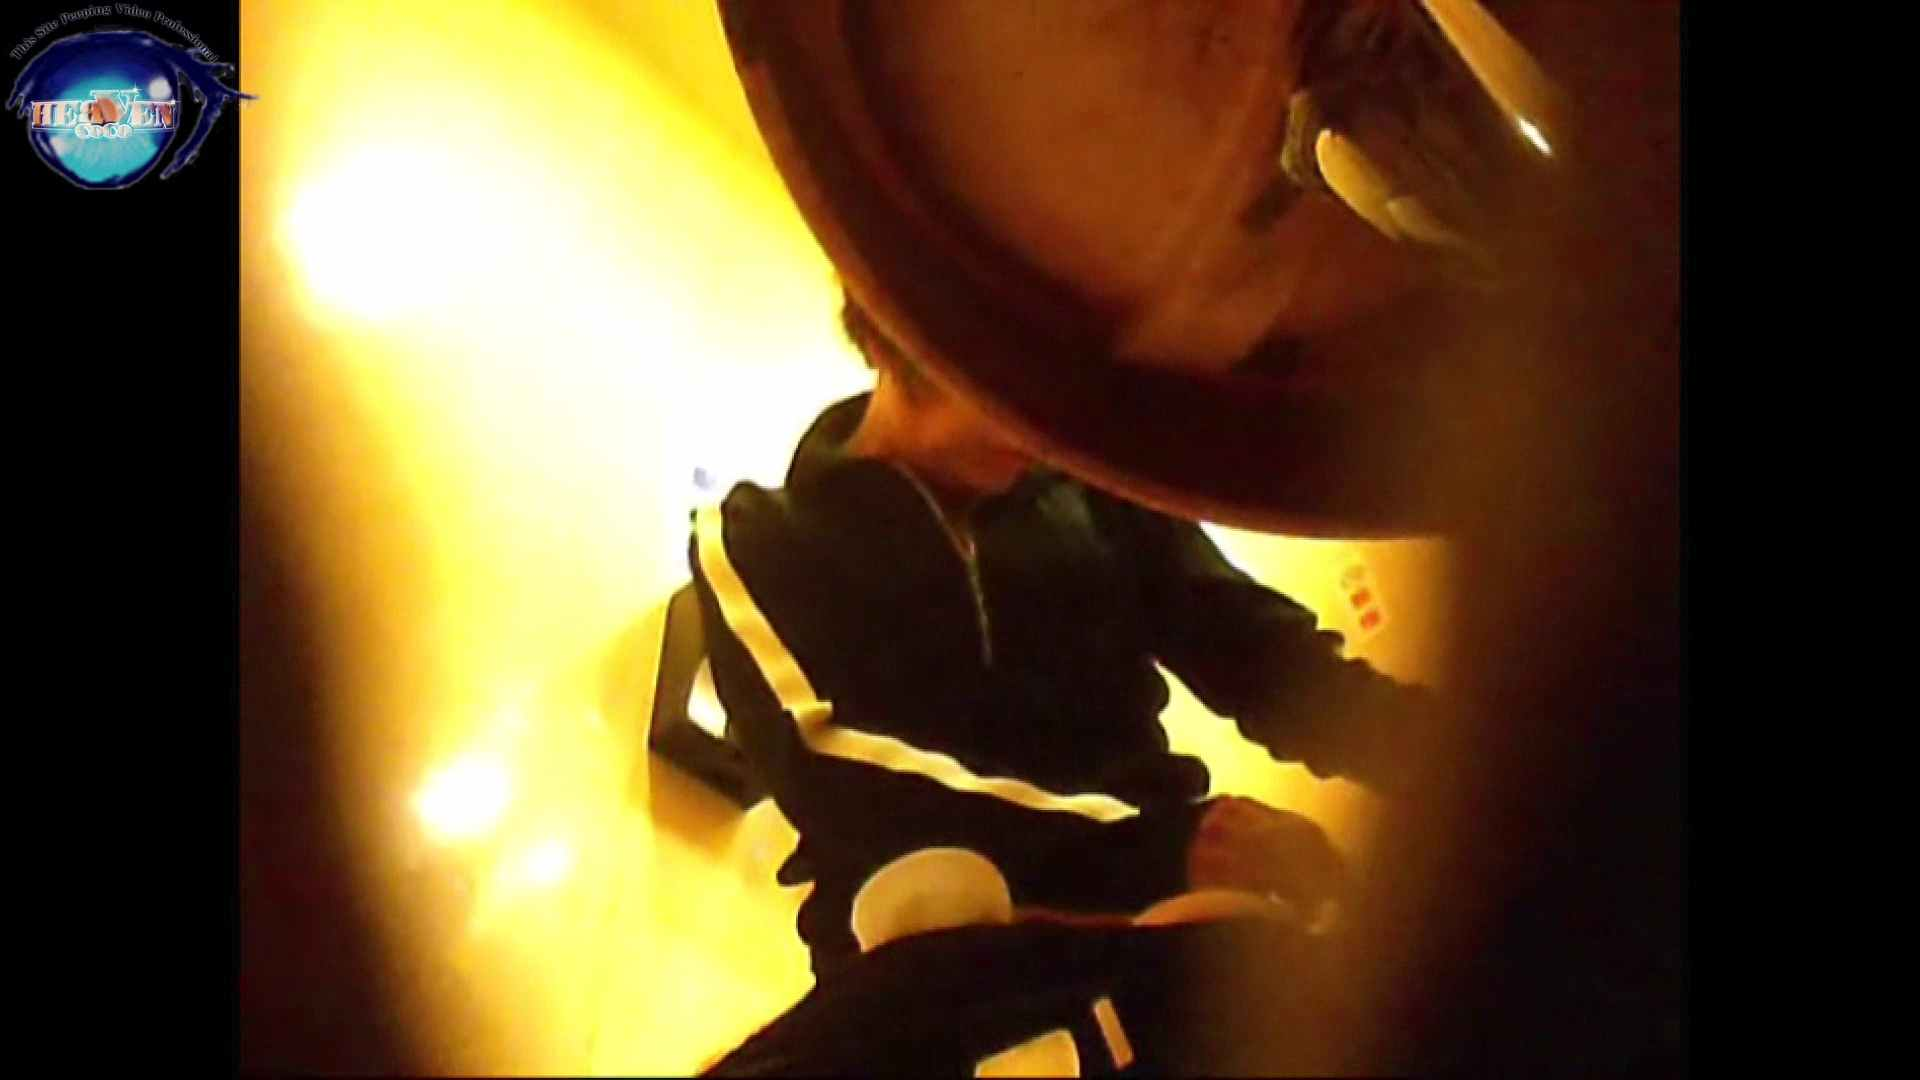 突撃!女子化粧室の真実vol.22前編 お姉さんヌード 盗み撮りAV無料動画キャプチャ 110画像 63